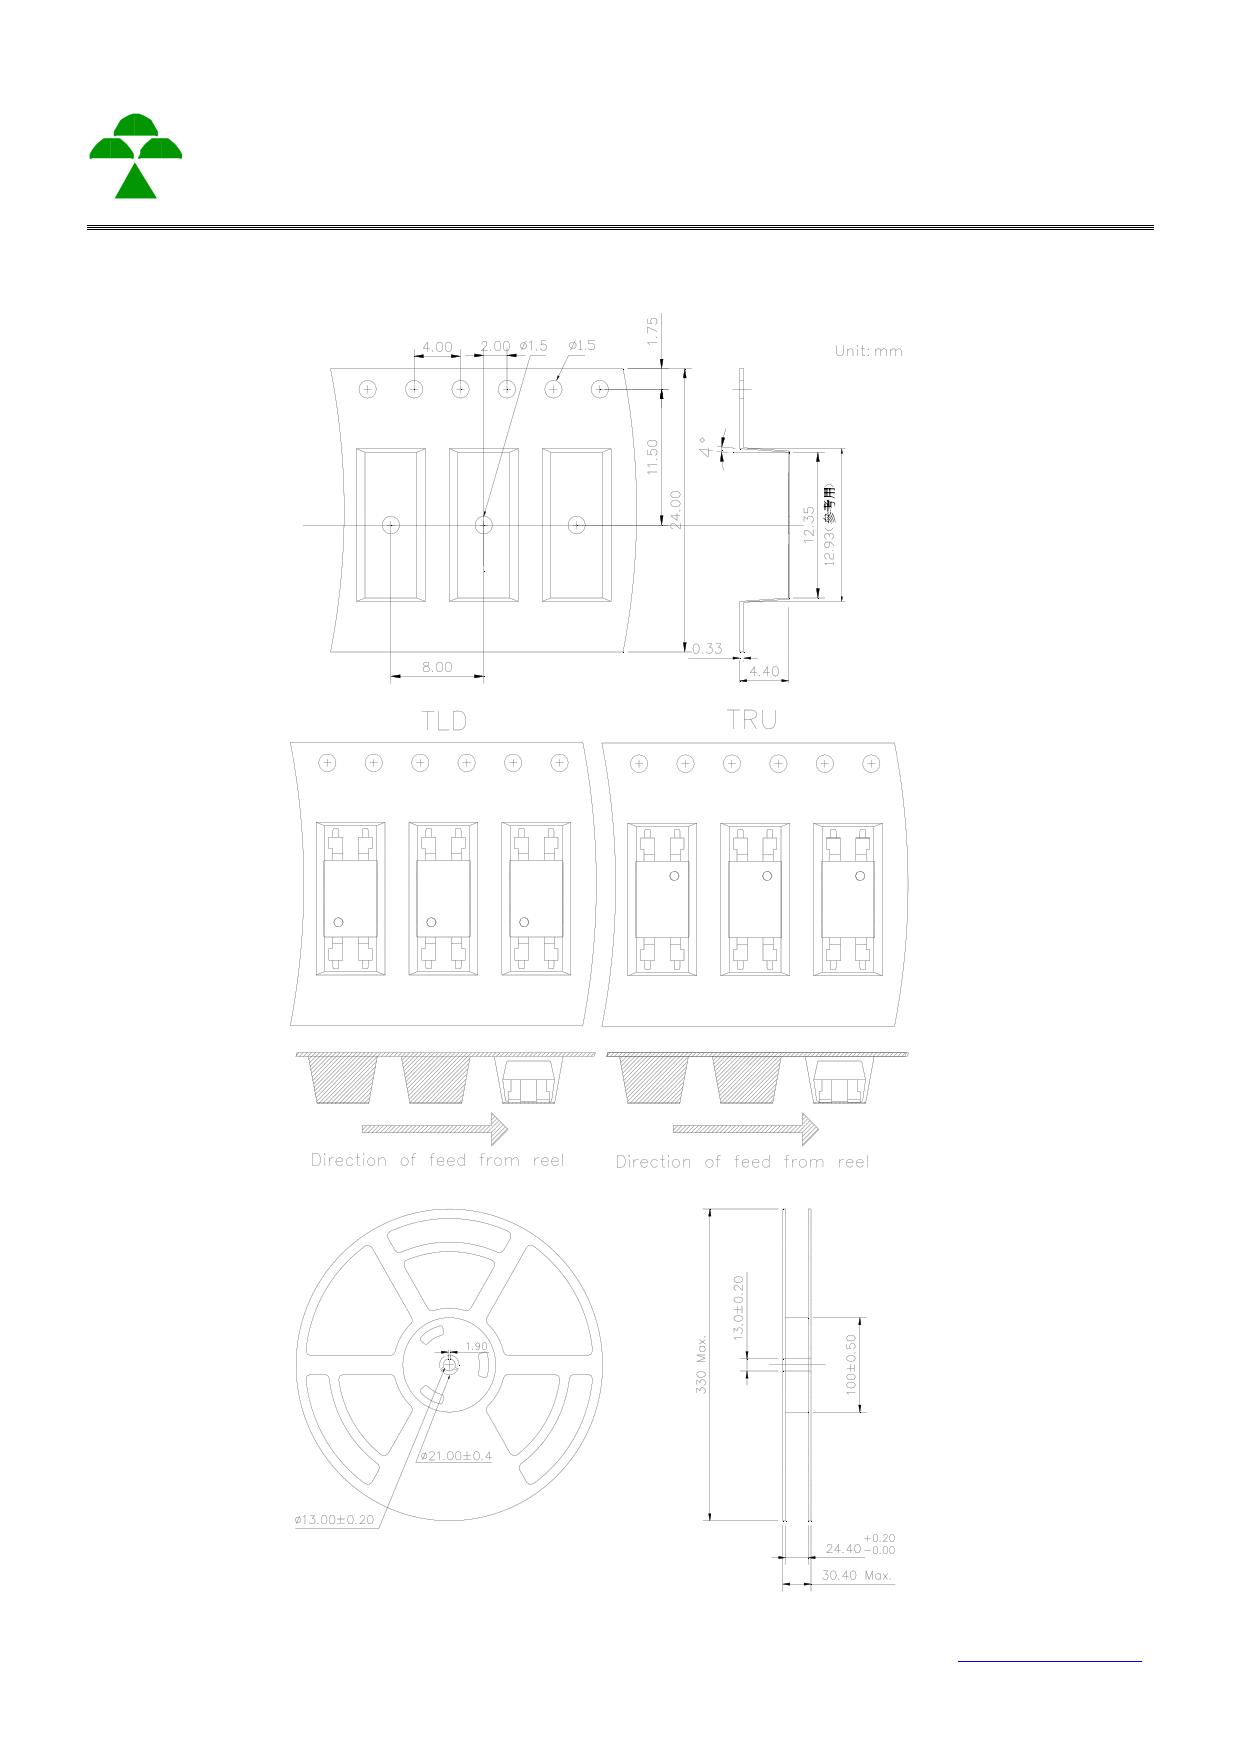 K1010W arduino